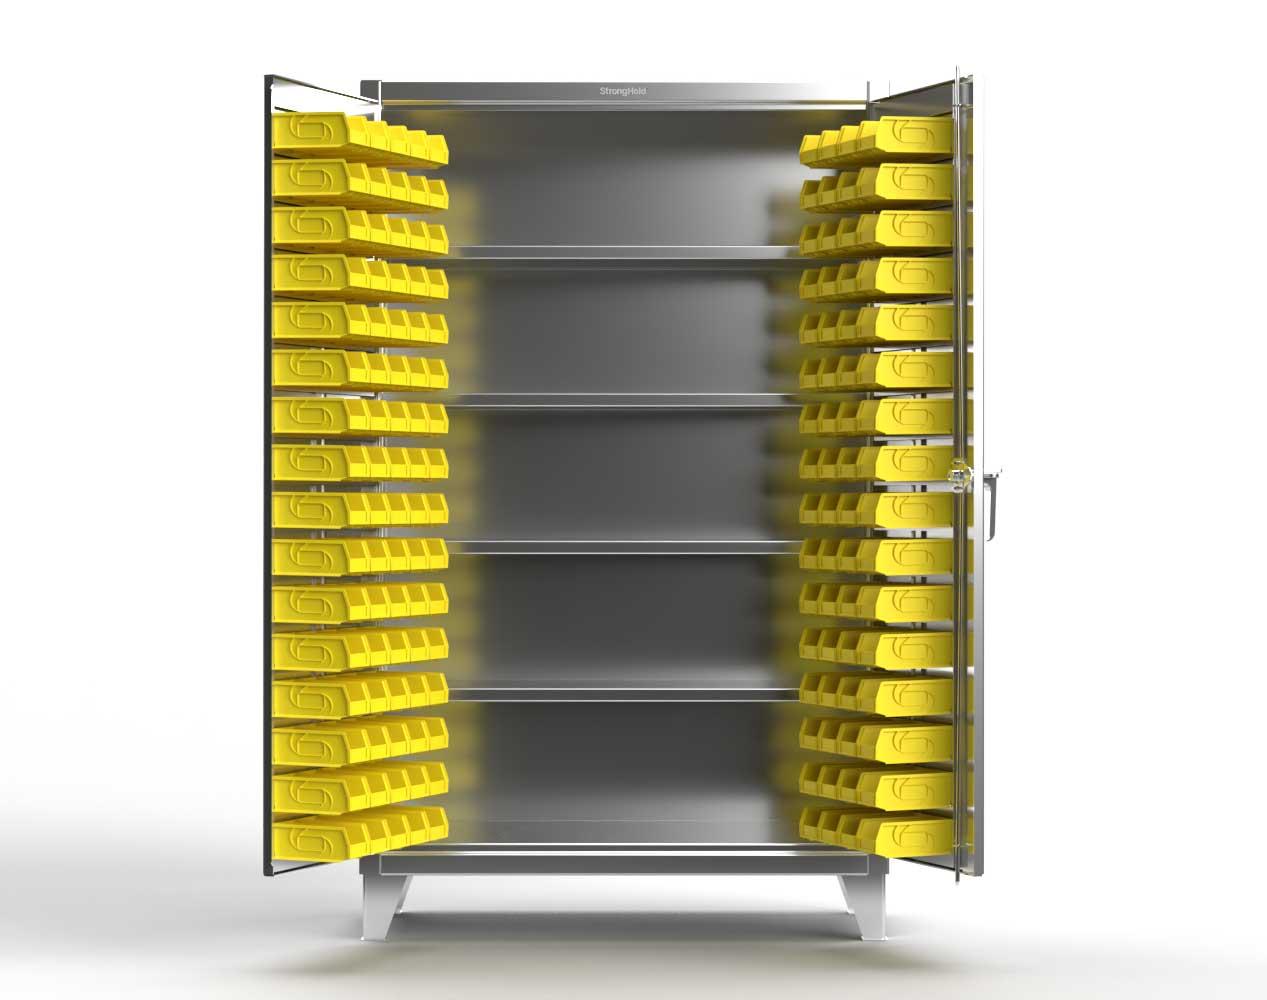 Extra Heavy Duty 12 GA Stainless Steel Bin Cabinet with Multiple Bin Sizes, 4 Shelves – 48 In. W x 24 In. D x 78 In. H